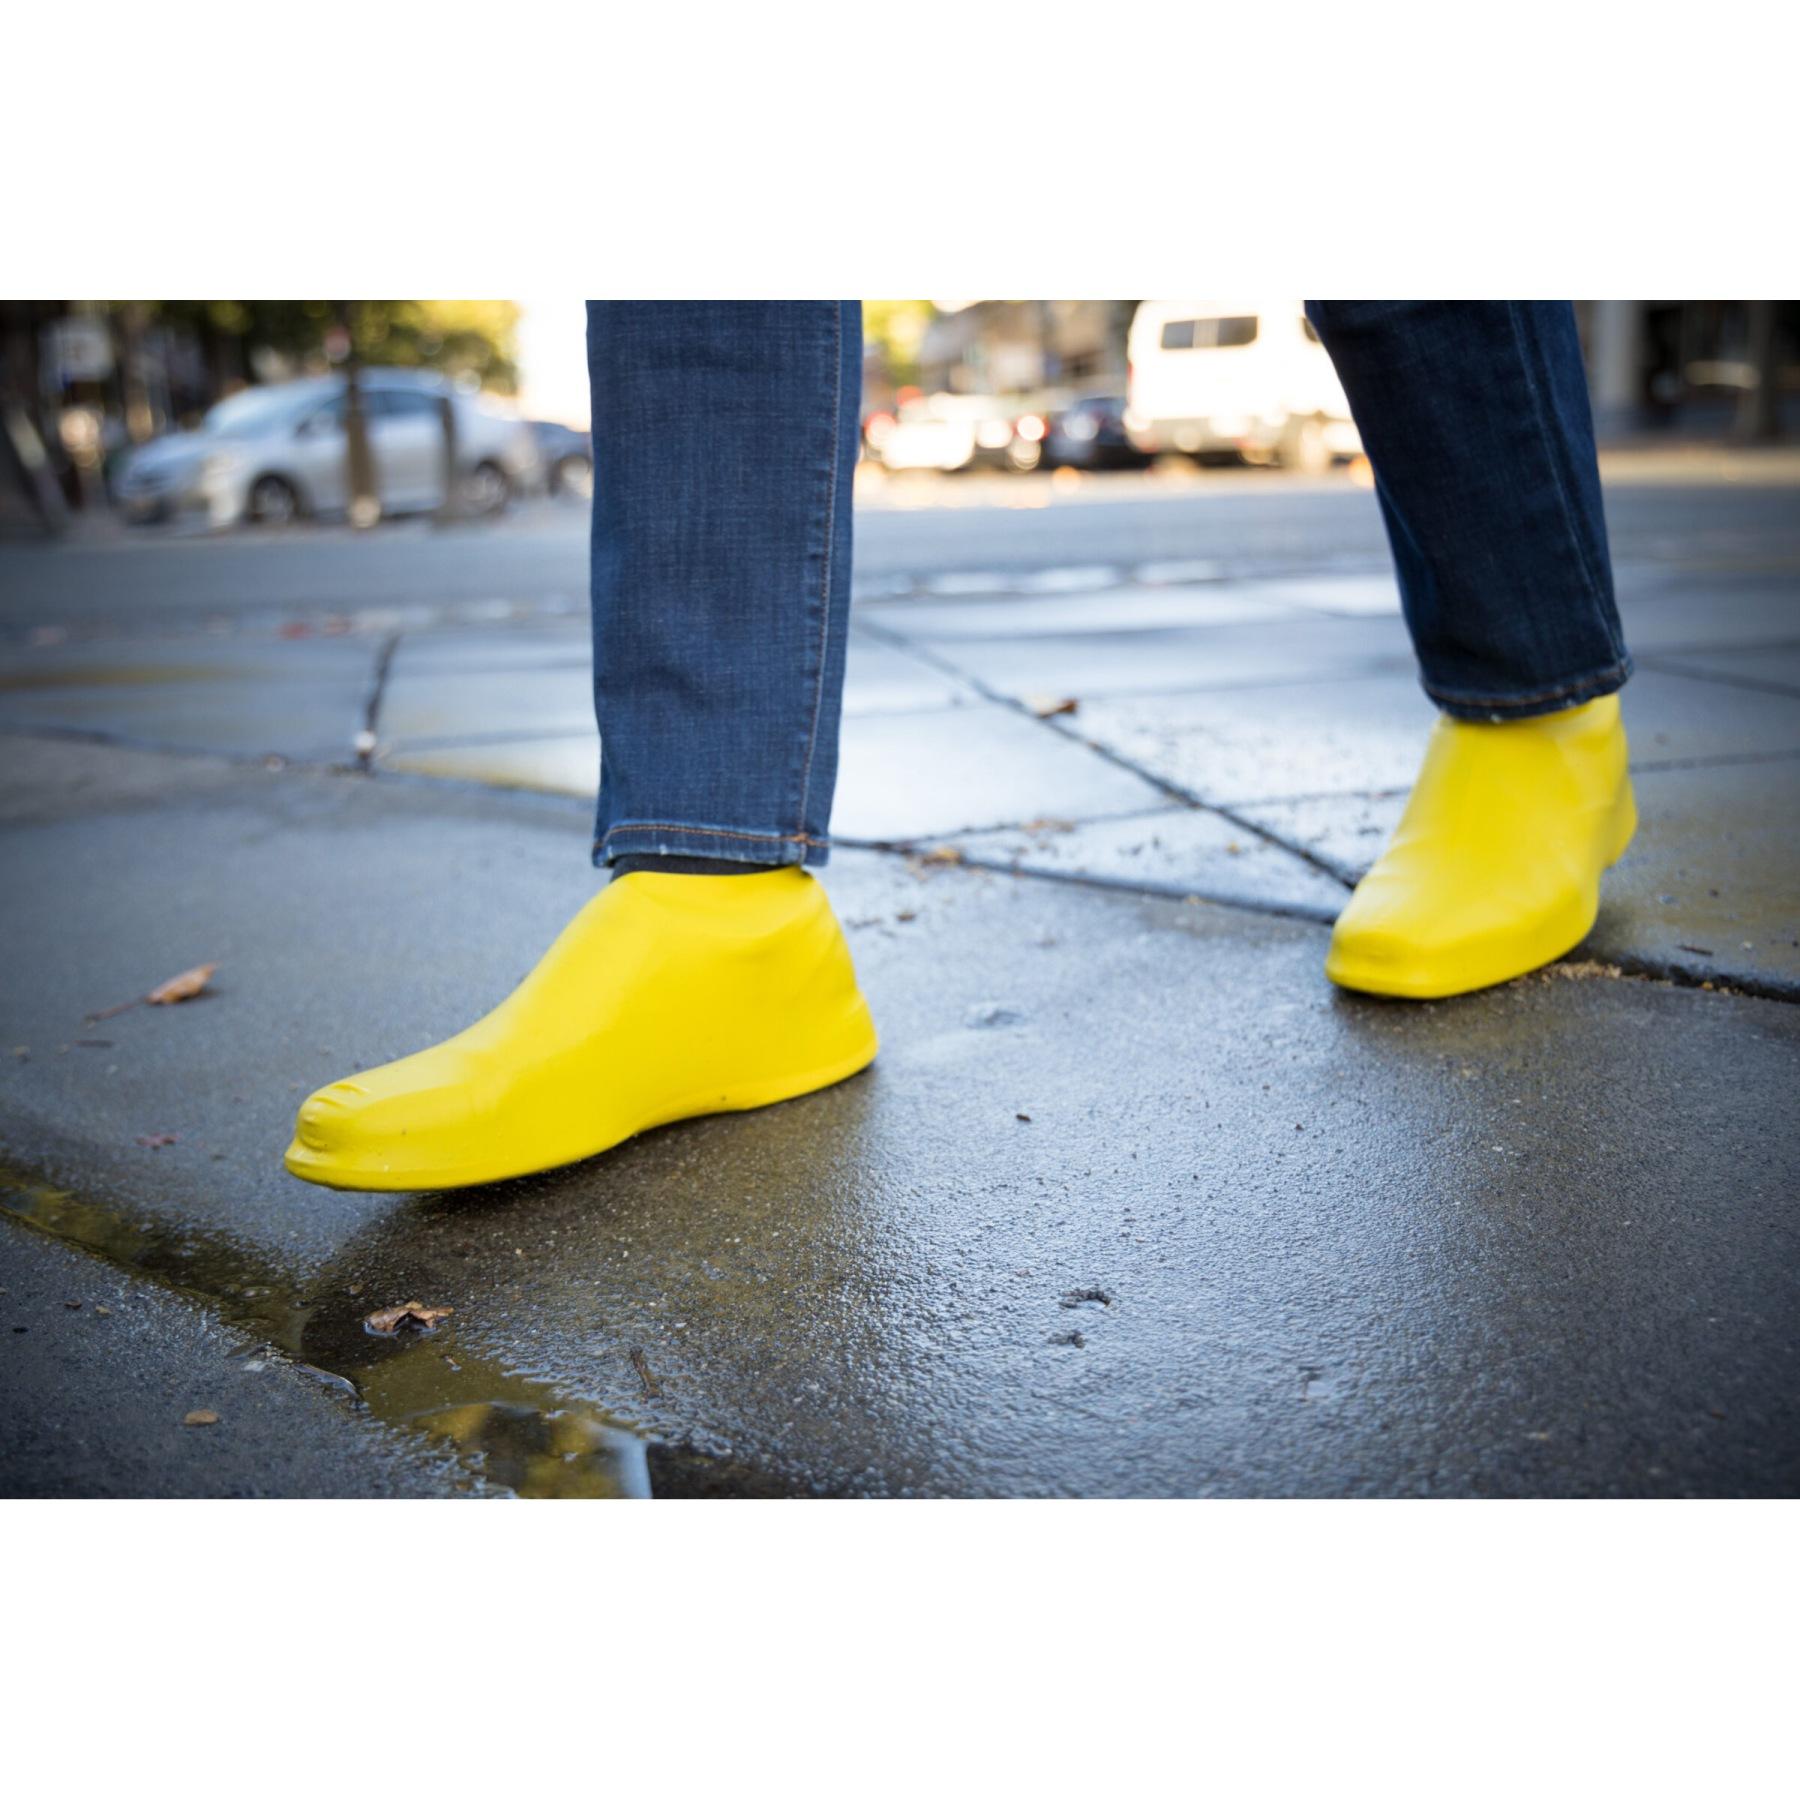 Bild von veloToze Roam Short Shoe Cover - Überschuh - gelb